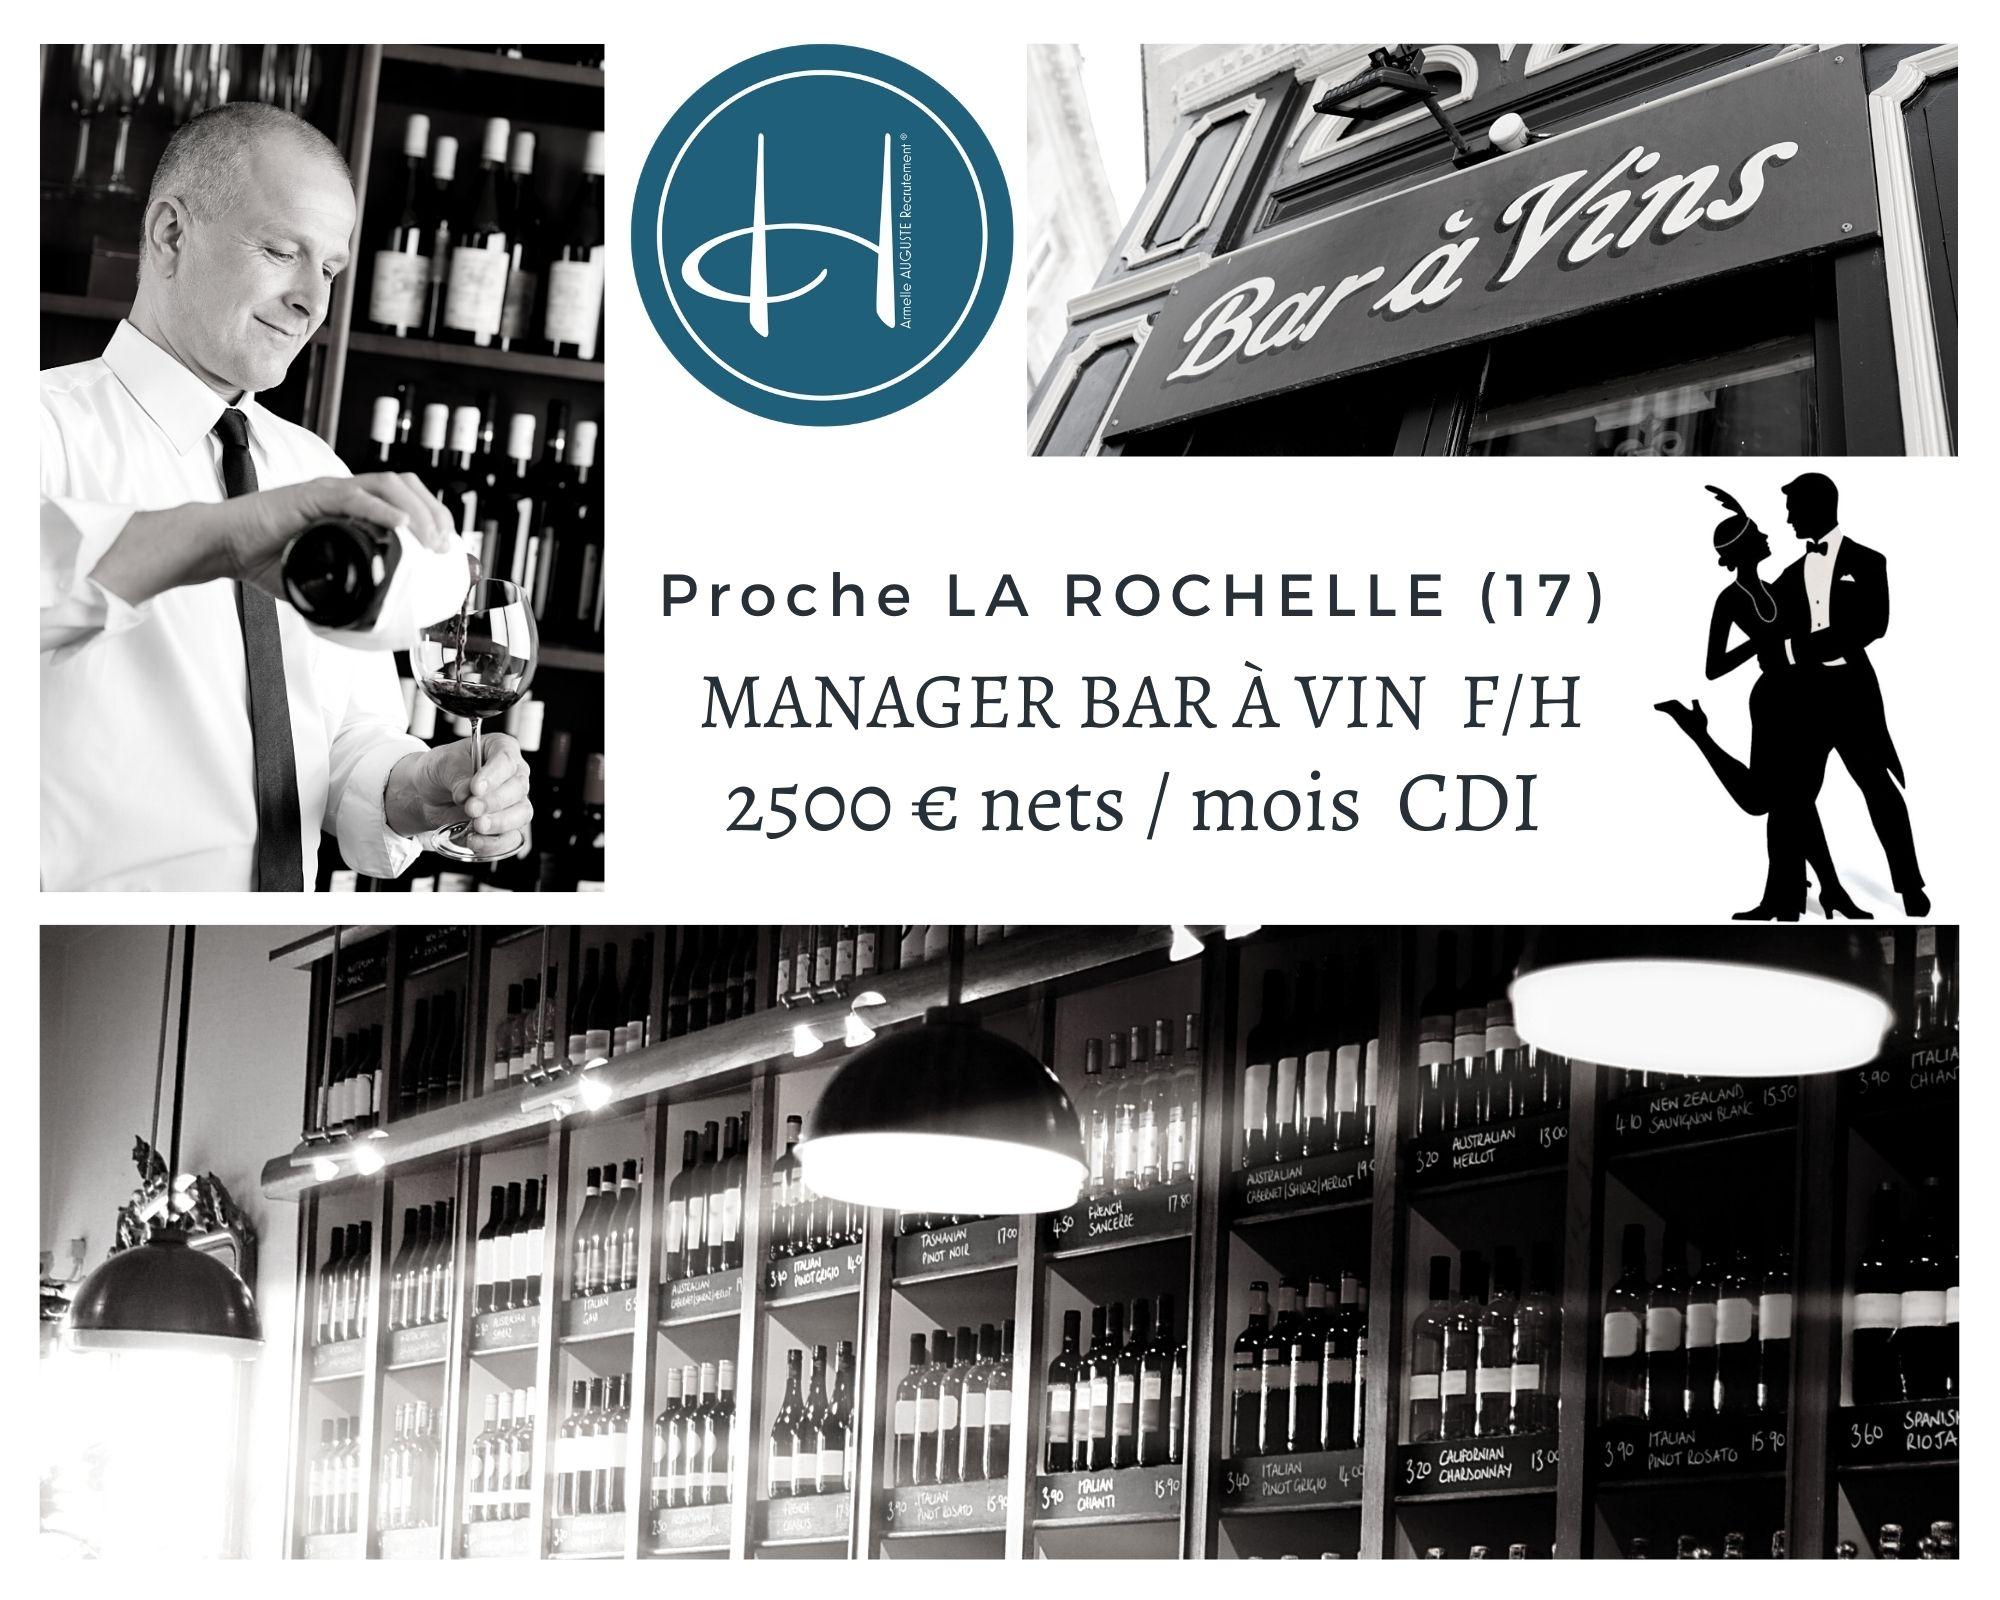 Recrutement: Manager bar à vin F/H chez Armelle AUGUSTE Recrutement® à La Rochelle